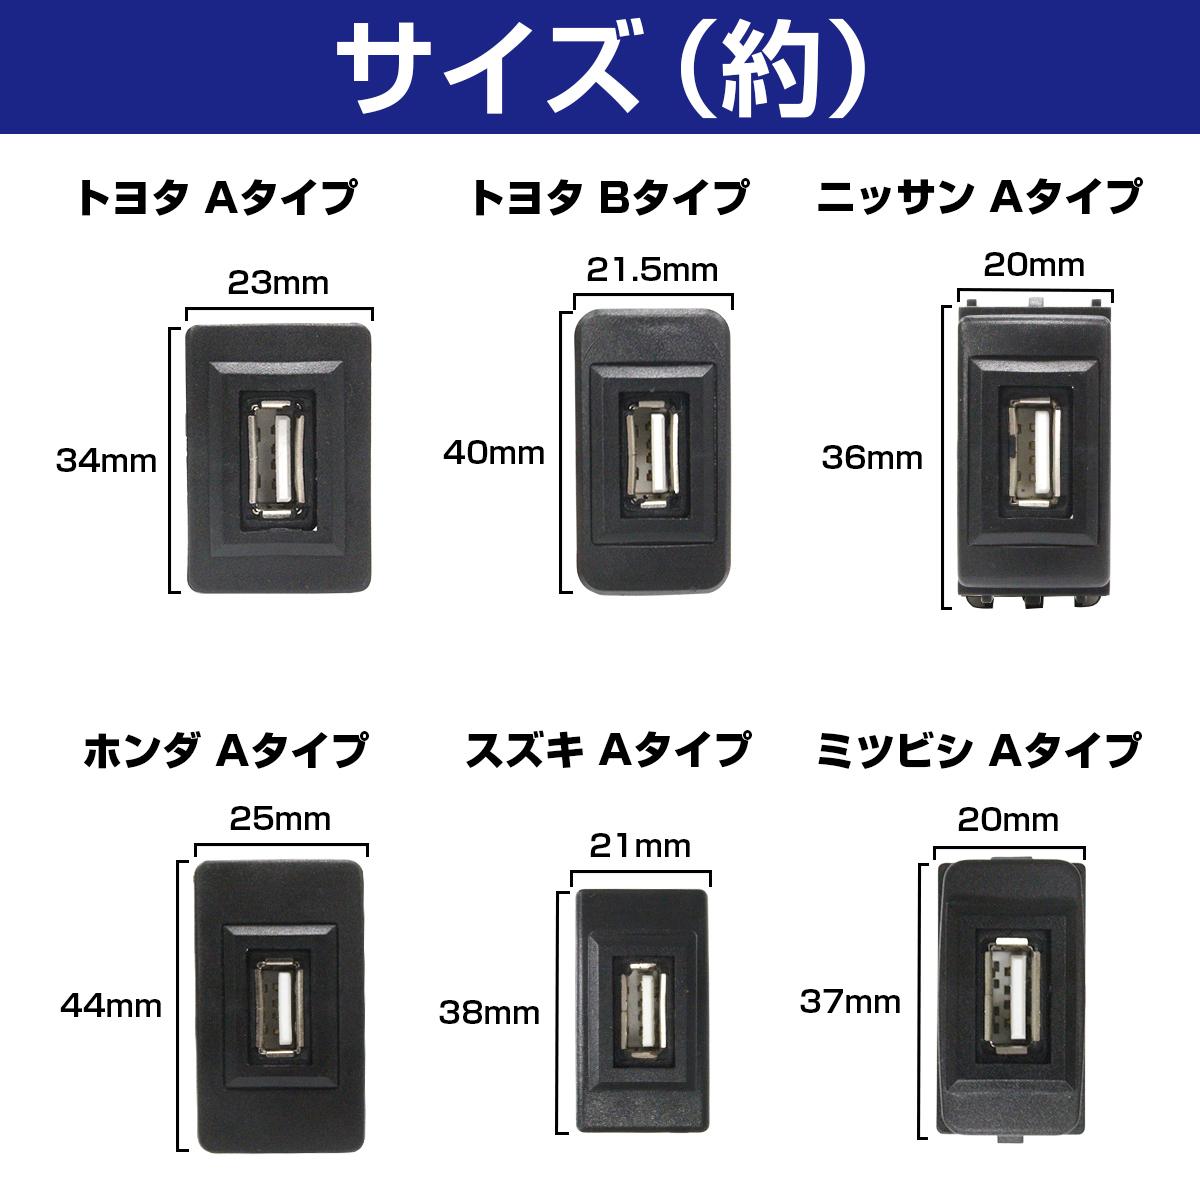 【ニッサンAタイプ】 セレナ C25 H17.5~H22.11 純正風♪ USB接続通信パネル 配線付 USB1ポート 埋め込み 増設USBケーブル 2.1A 12V_画像5